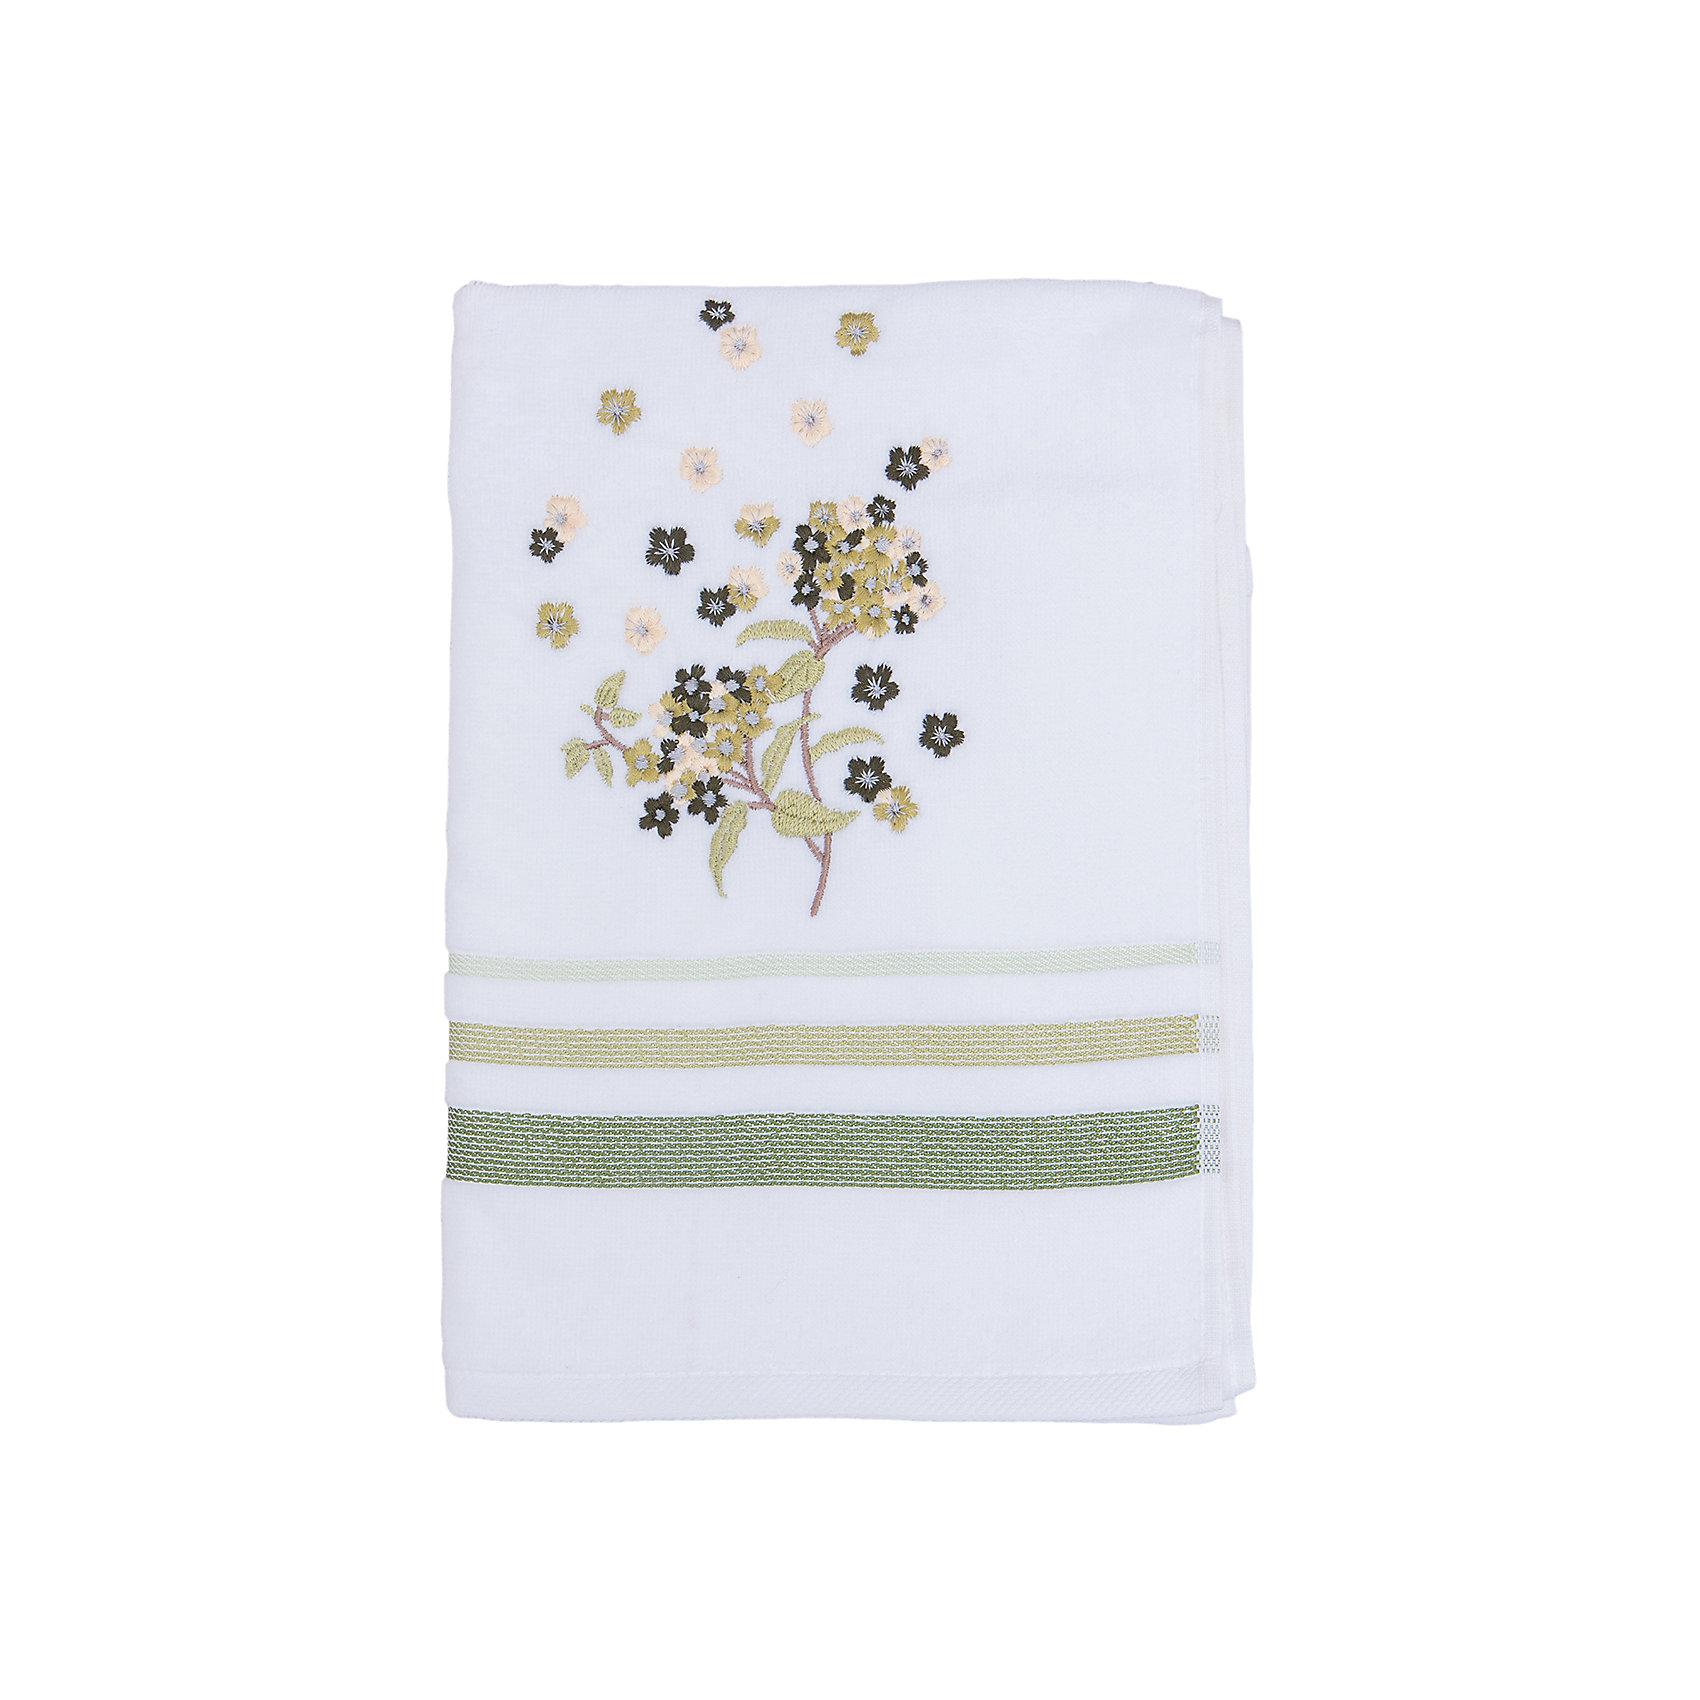 Полотенце подарочное FUSION махровое 50*90, TAC, зеленыйХарактеристика: <br><br>- Материал: махра (100% хлопок).<br>- Размер: 50х90 см.<br>- Плотность: 450гр/м2.<br>- Размер упаковки: 24х3х33 см.<br>- Цвет: зеленый.<br><br>Яркое и в тоже время нежное махровое полотенце будет прекрасным подарком к любому празднику!<br><br>Полотенце подарочное FUSION махровое, можно купить в нашем магазине.<br><br>Ширина мм: 240<br>Глубина мм: 30<br>Высота мм: 330<br>Вес г: 400<br>Возраст от месяцев: 0<br>Возраст до месяцев: 84<br>Пол: Унисекс<br>Возраст: Детский<br>SKU: 5124065